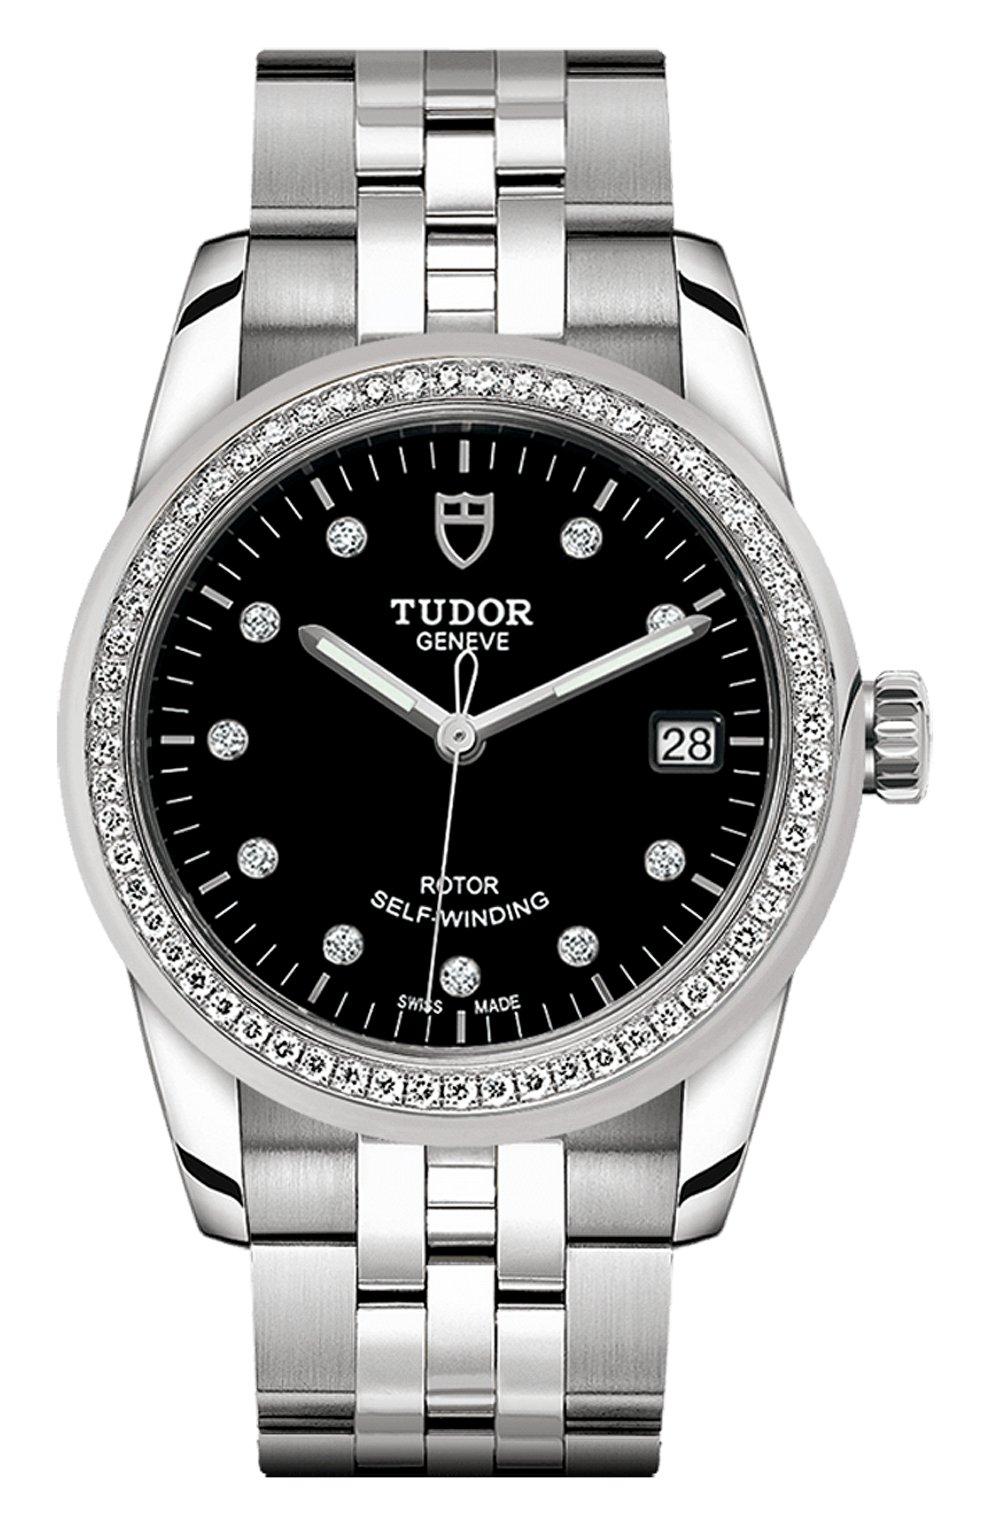 Женские часы glamour date TUDOR бесцветного цвета, арт. 55020/68050/BLACK 10 DIAM | Фото 1 (Механизм: Автомат; Материал корпуса: Сталь; Цвет циферблата: Чёрный)